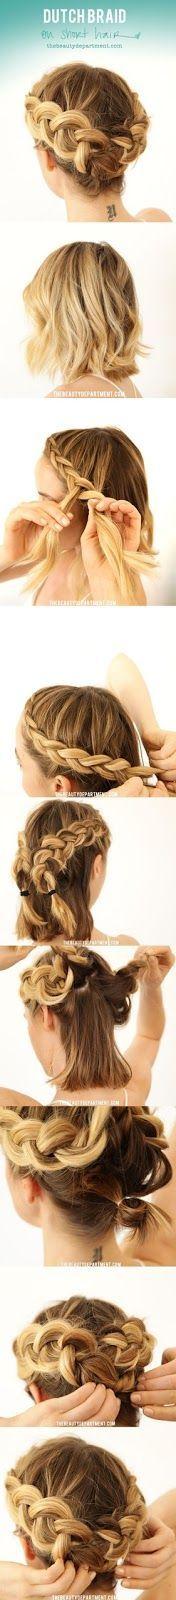 kısa saçlar için örgü modelleri yapılışı Kısa saçlar için kolay uygulanabilir kısa saç örgü modeli resimli anlatımlı